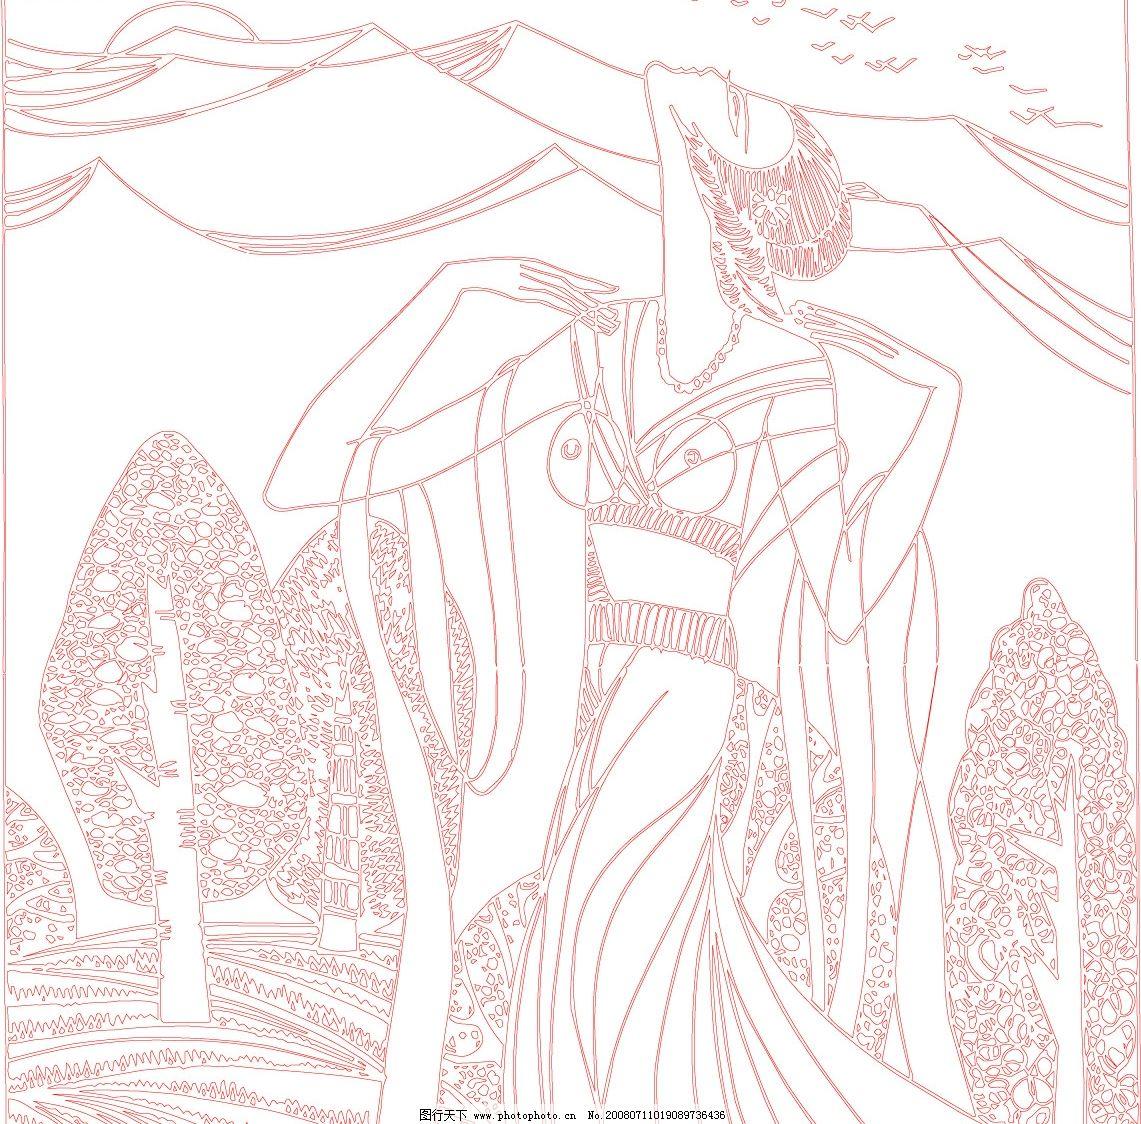 美女线条画 美女 精美线条 小鸟 树林 高山 人物造型 文化艺术 美术